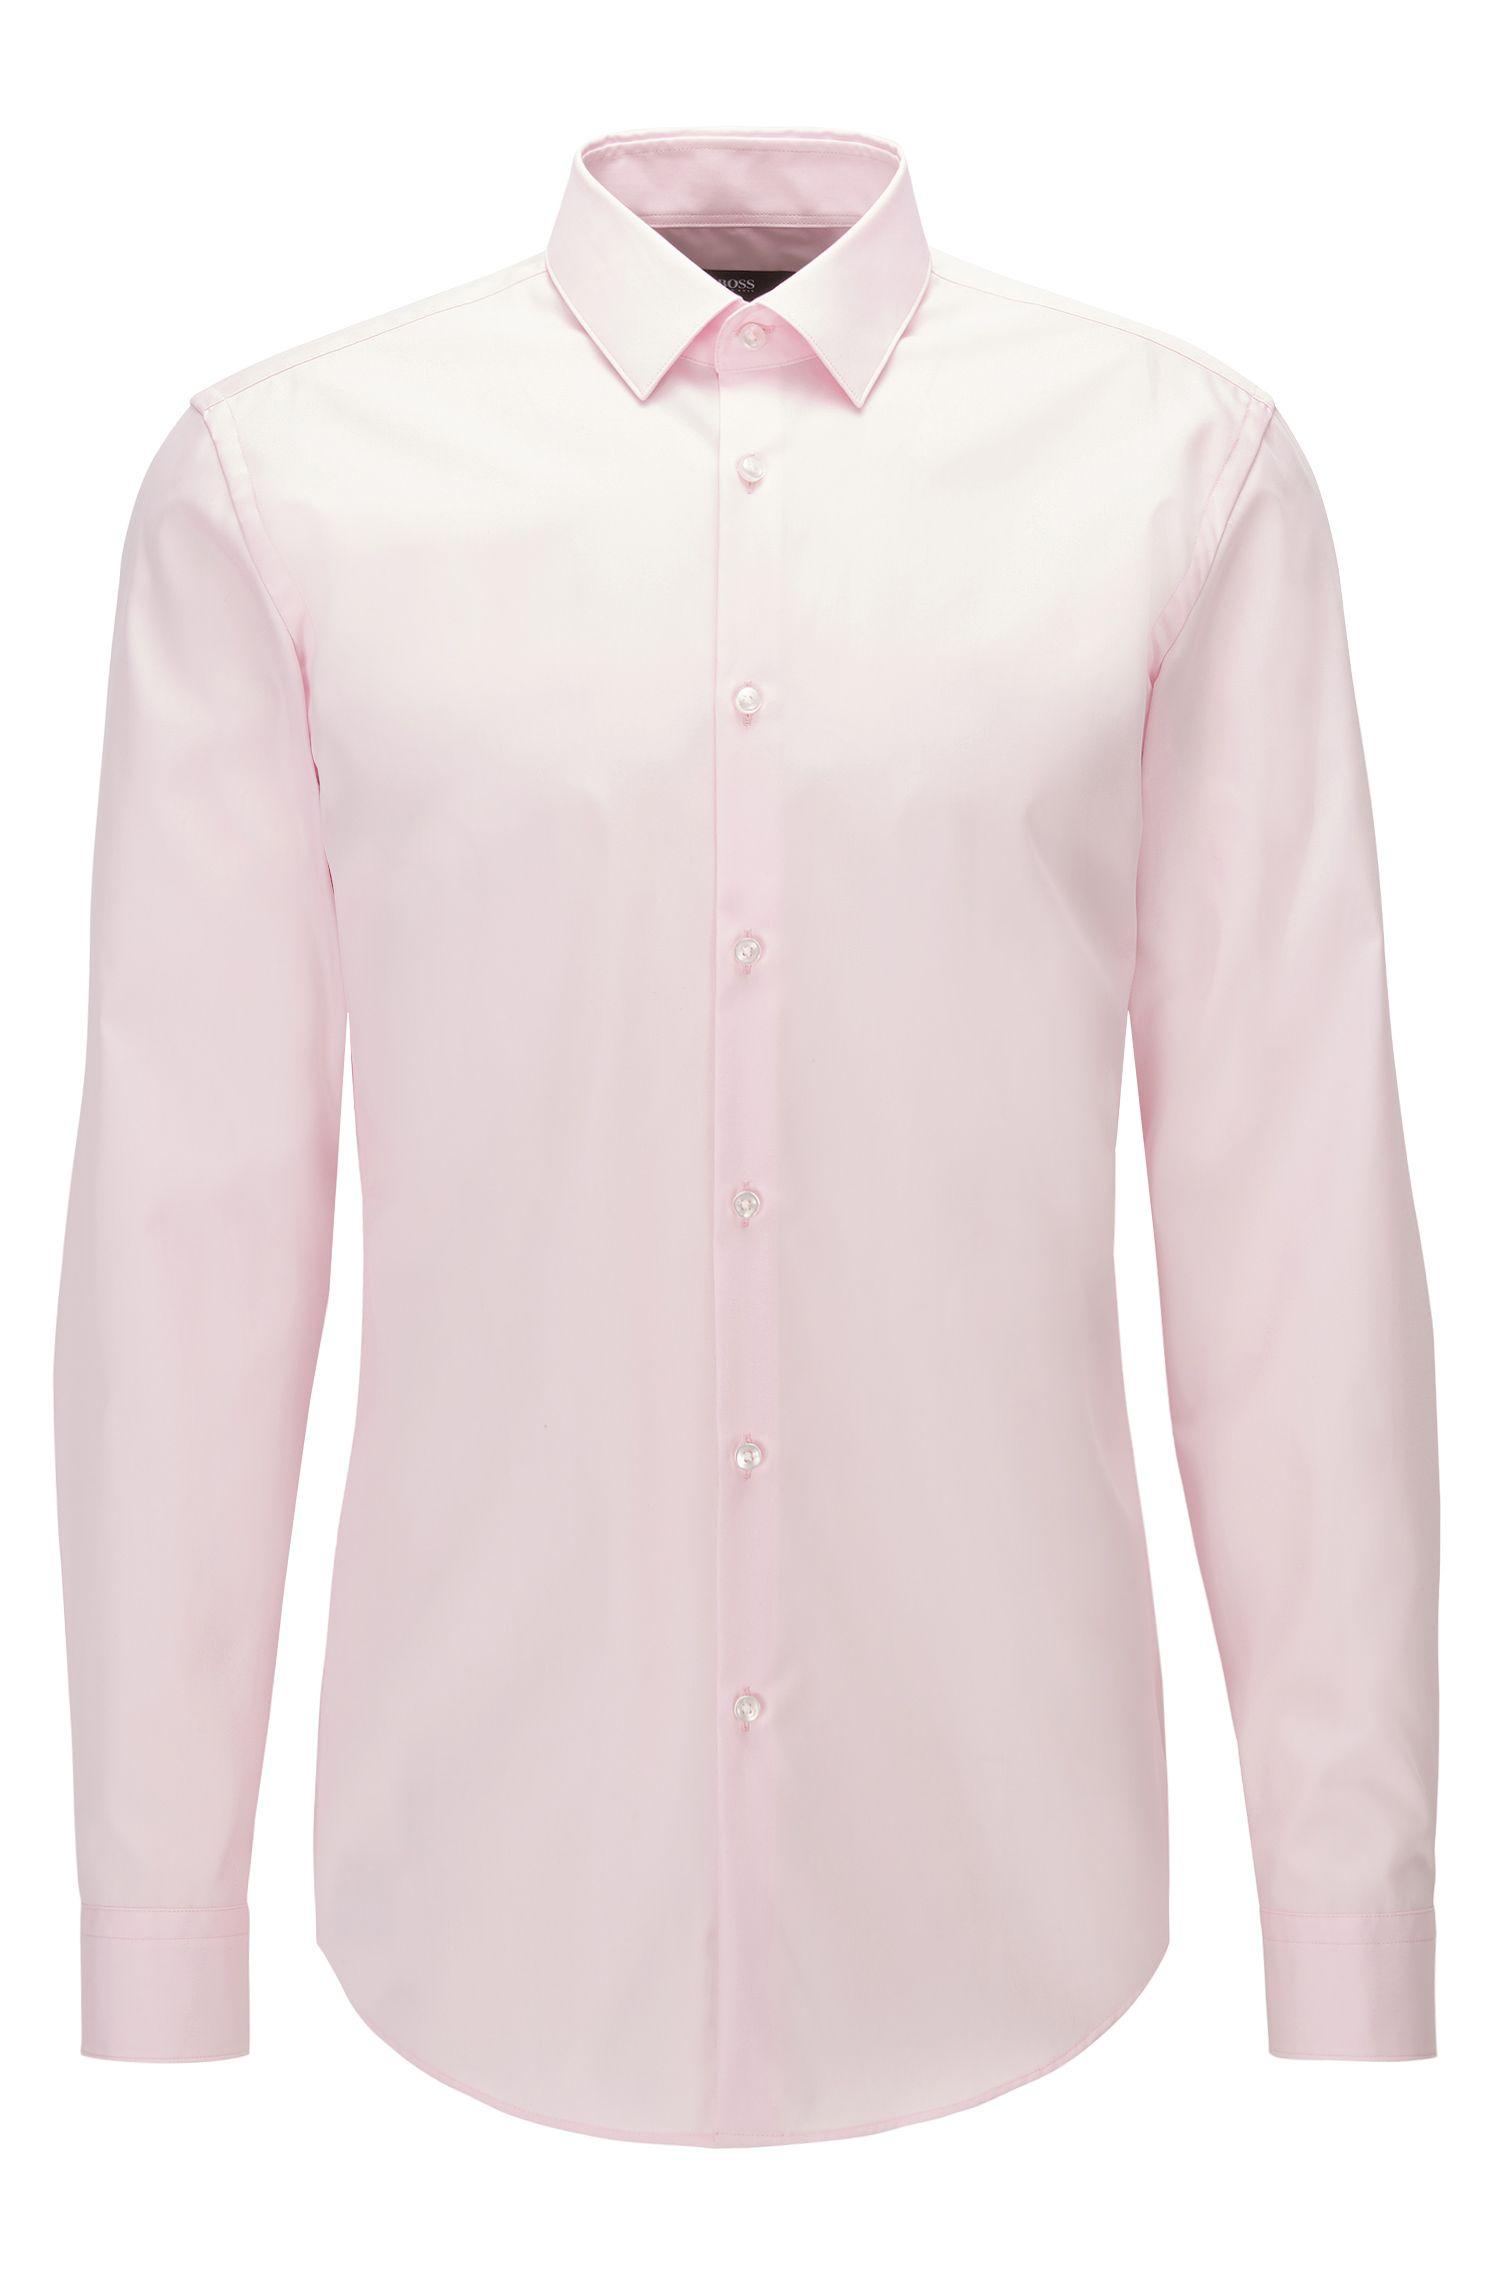 Camicia slim fit in popeline di cotone facile da stirare